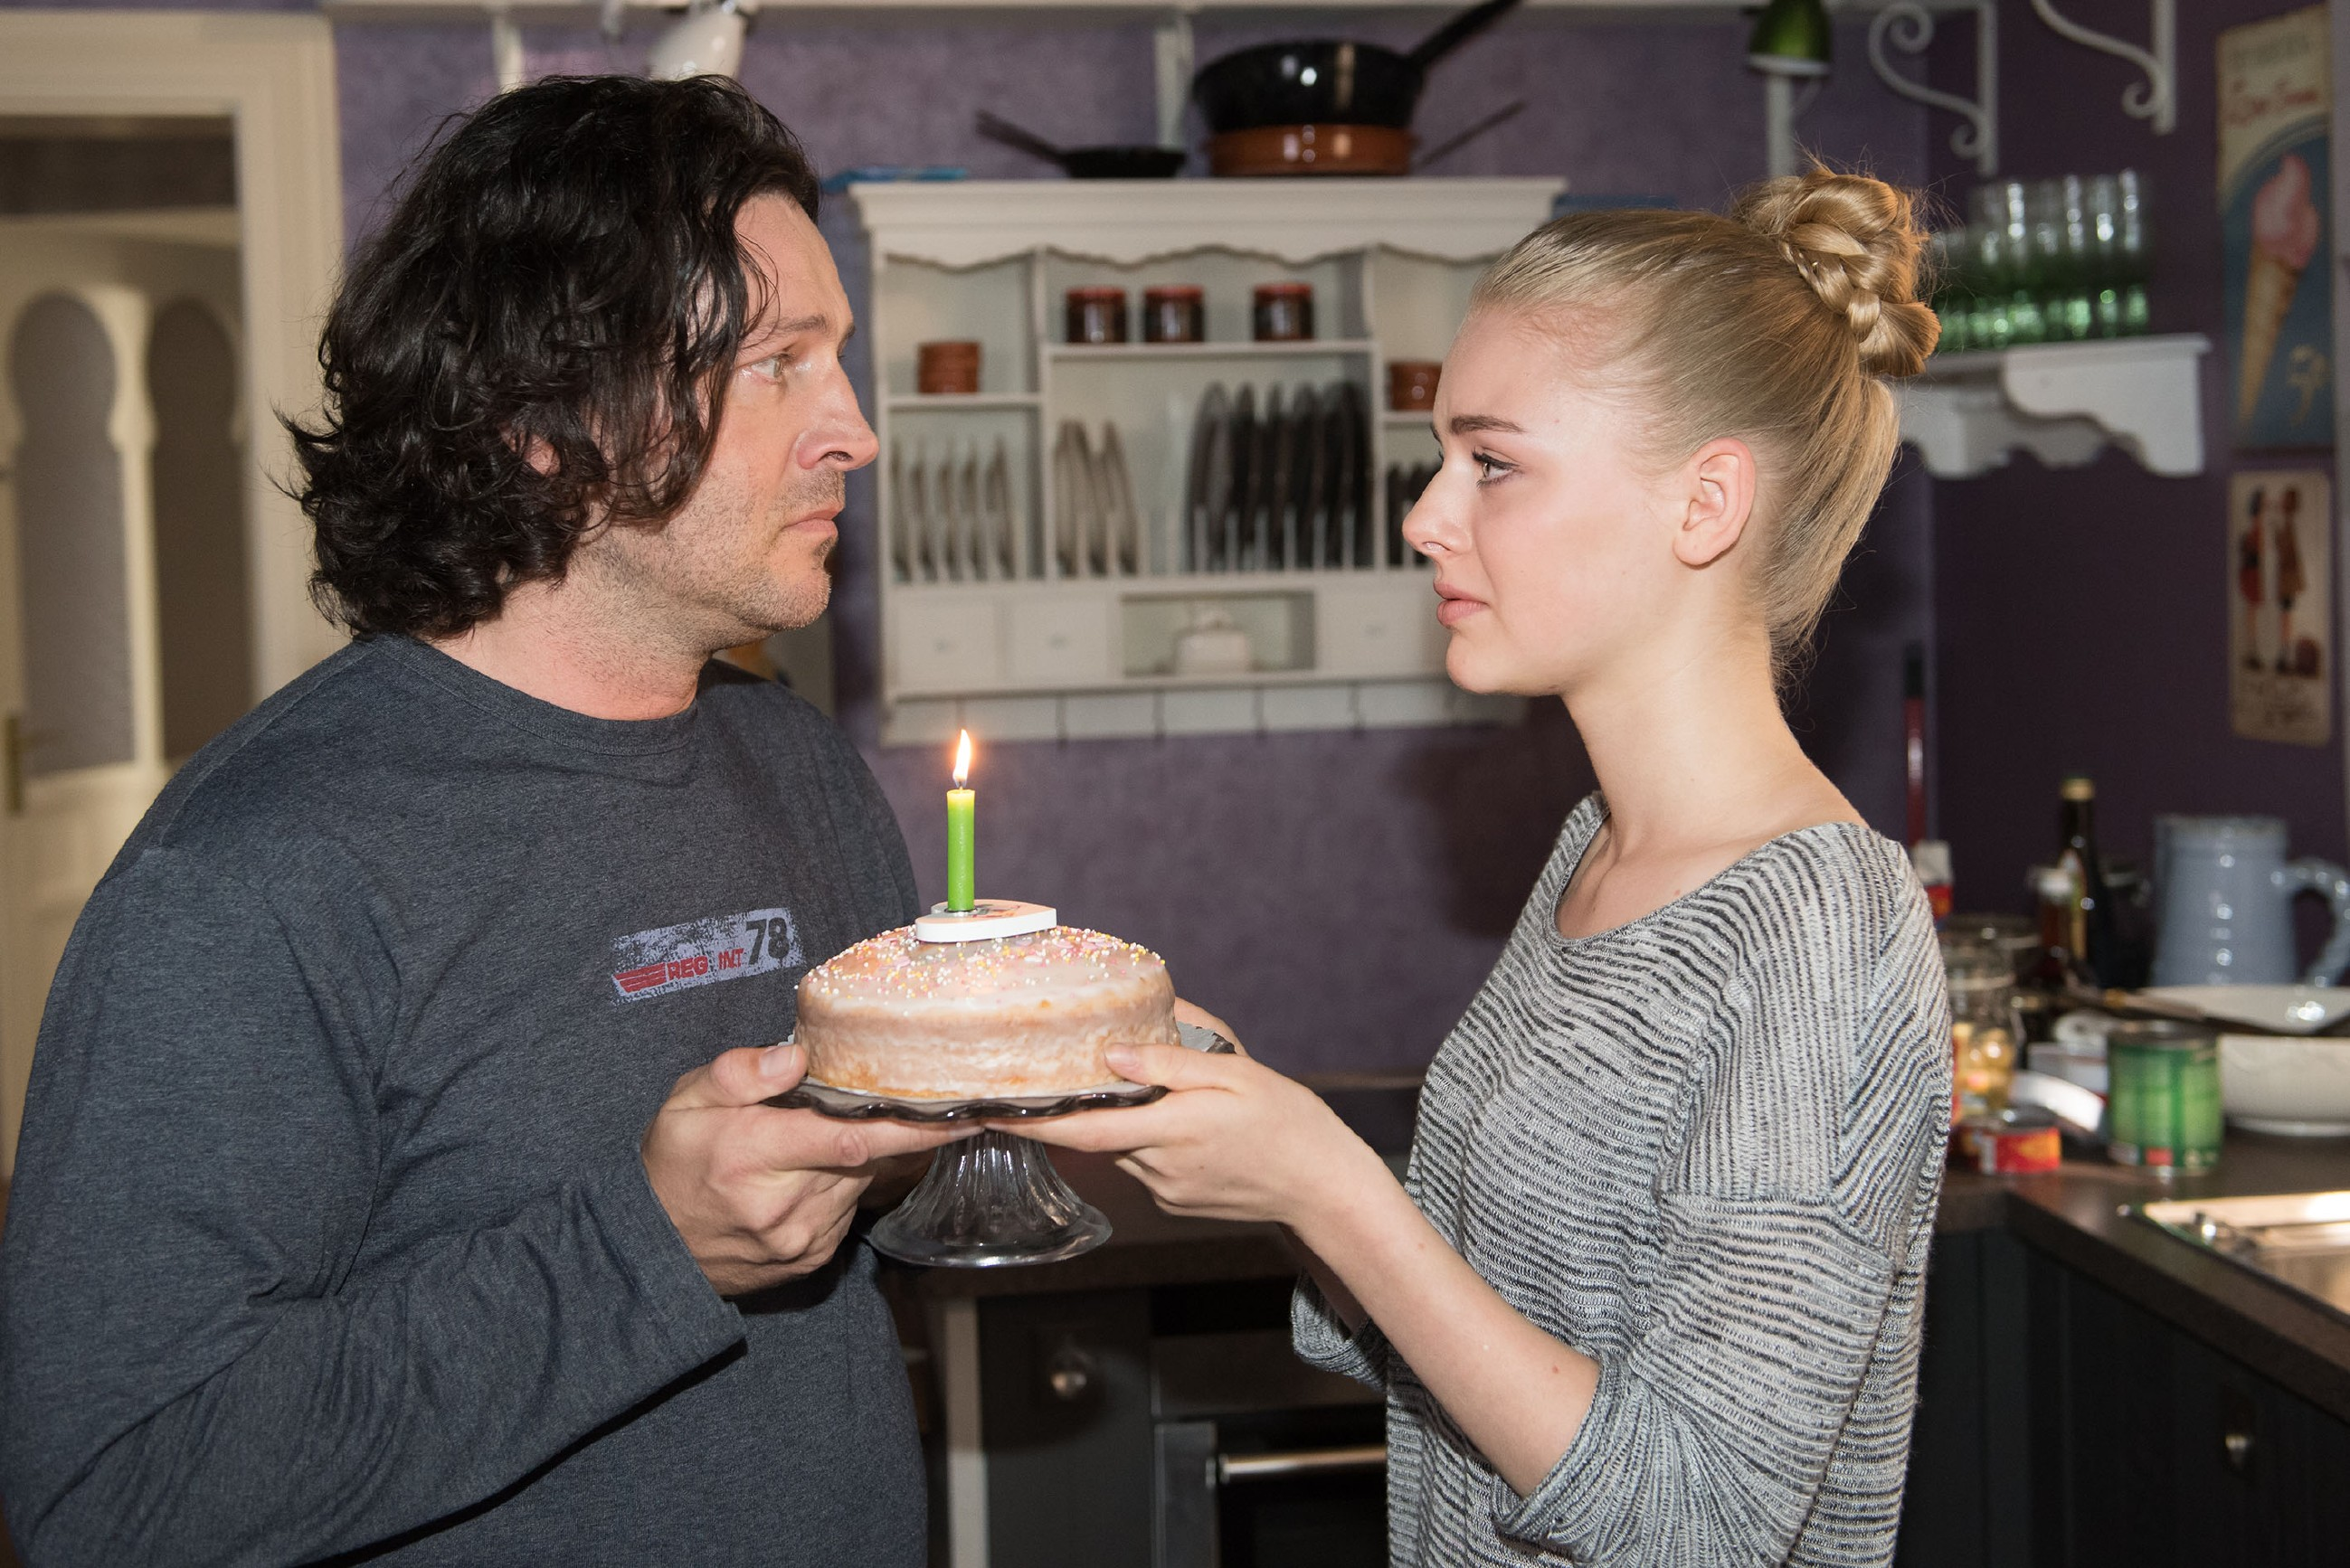 Zu Fionas (Olivia Burkhart) Erleichterung ist es für Rolf (Stefan Franz) unwichtig, dass sie kein teures Geburtstagsgeschenk für ihn hat. (Quelle: RTL / Stefan Behrens)